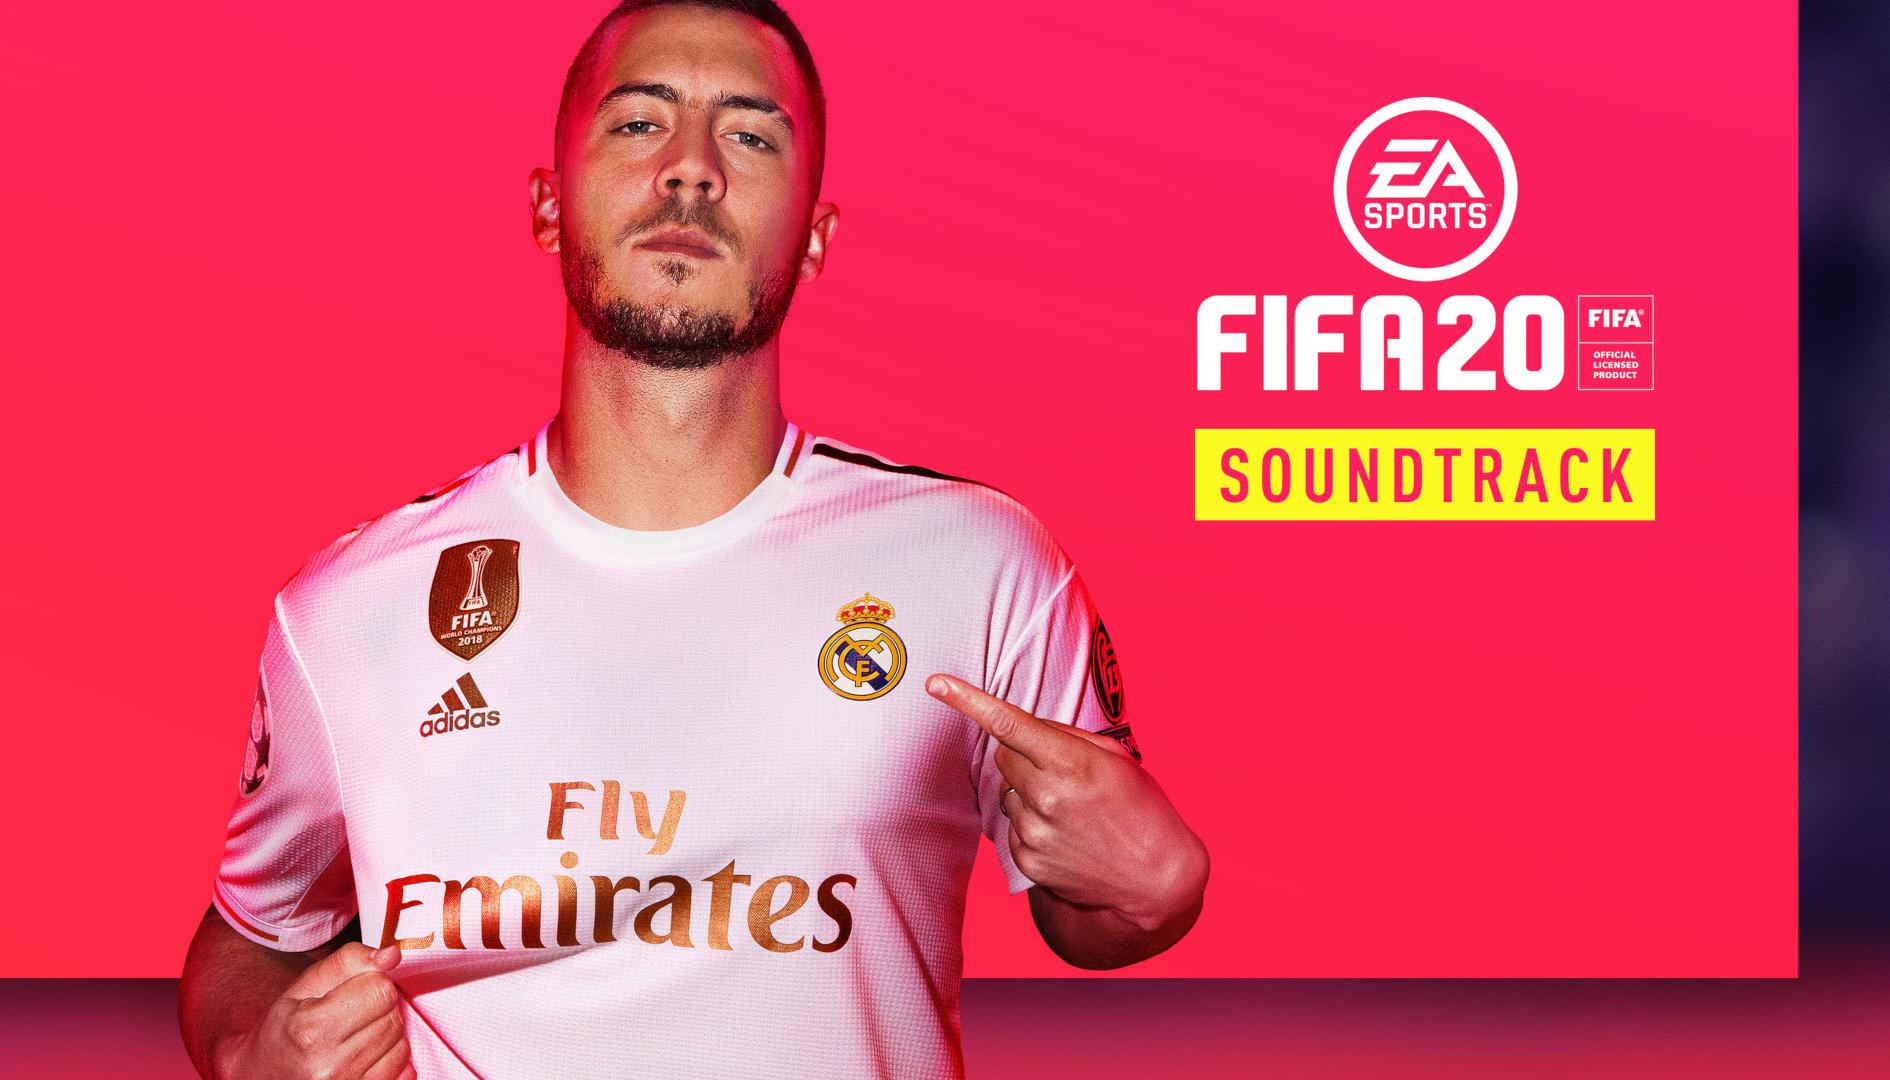 FIFA 20: ecco la tracklist completa